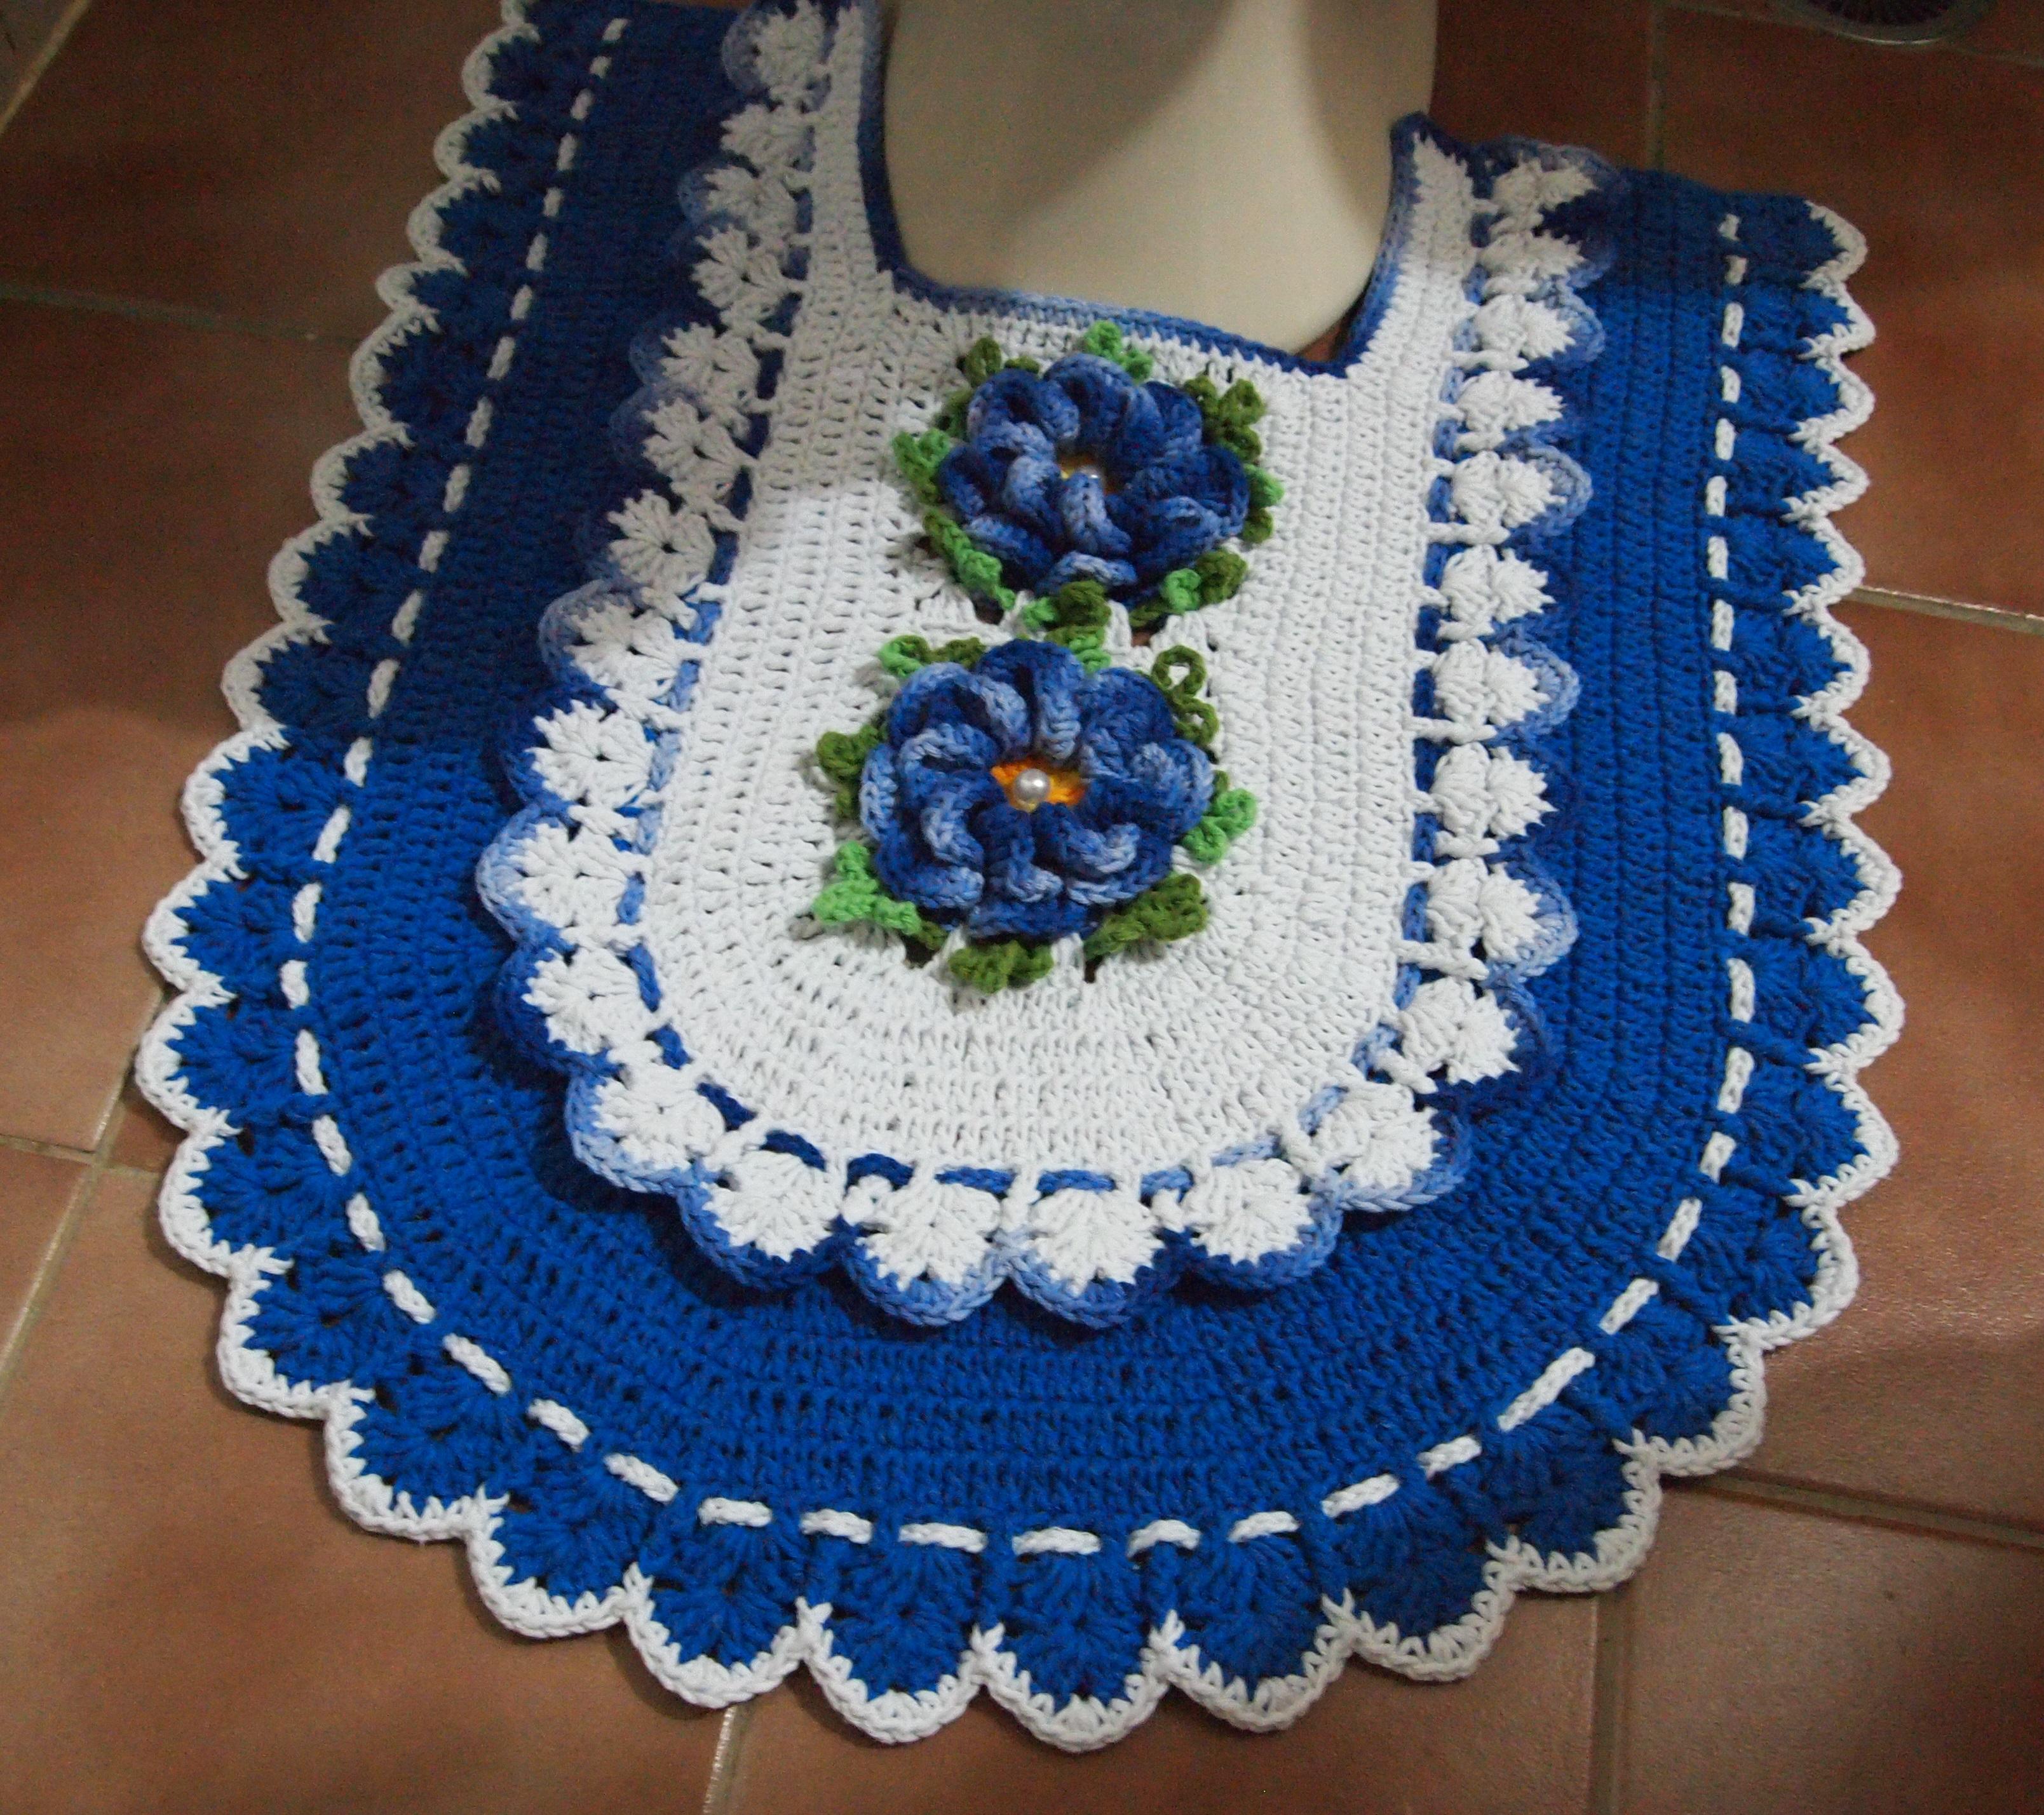 banheiro azul e branco banheiro jogo de banheiro azul e branco croche #083578 3217x2857 Banheiro Azul Com Branco